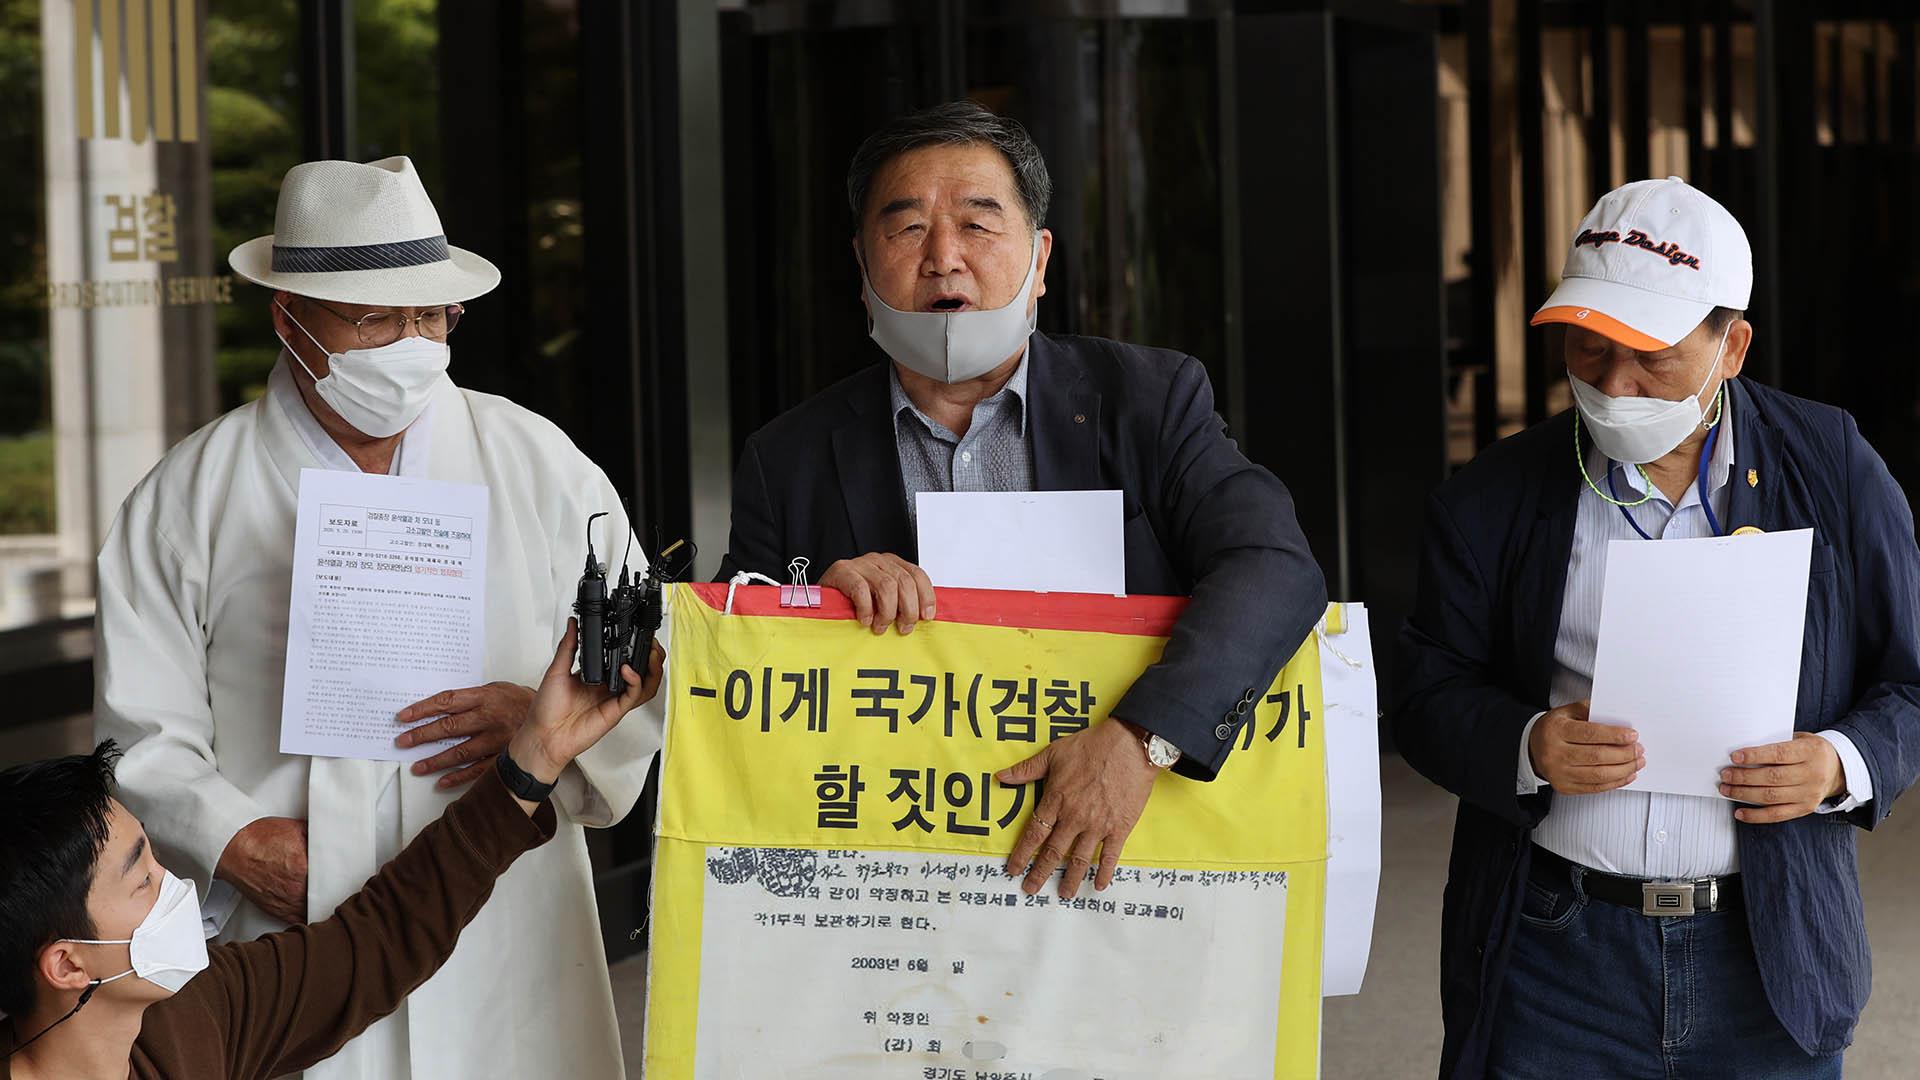 검찰, '윤석열 가족 의혹' 고발인들 조사